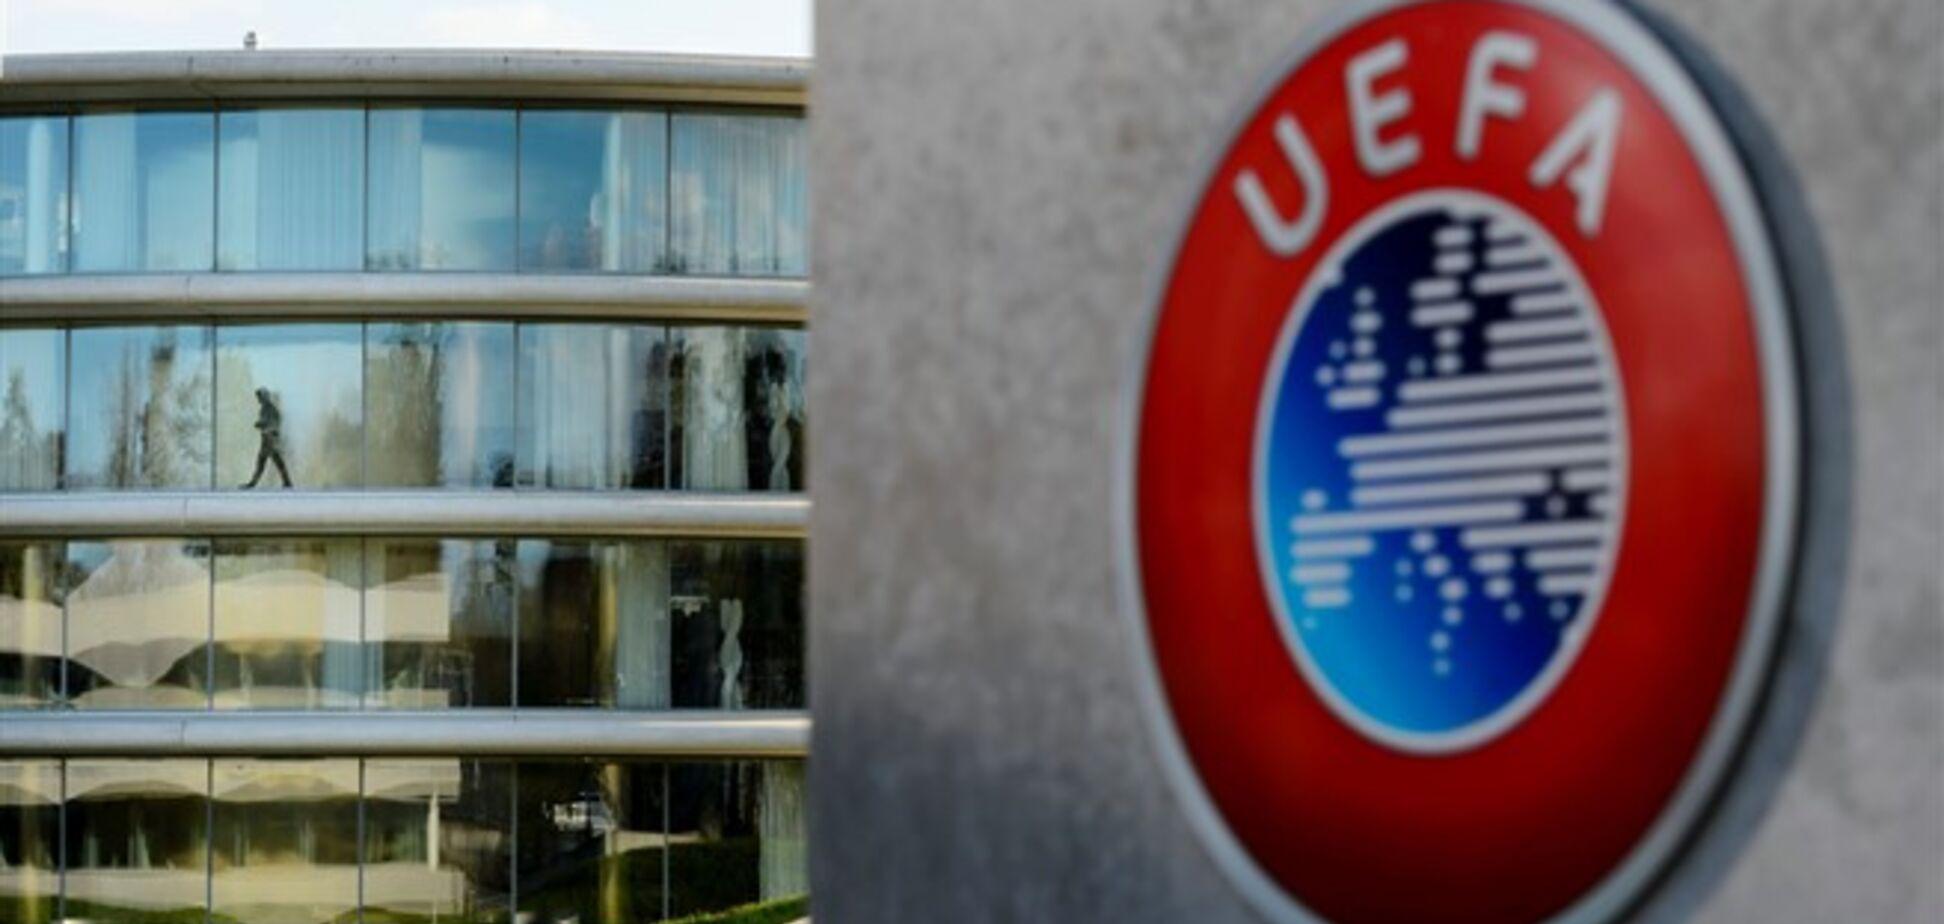 УЄФА скасувала матчі єврокубків через коронавірус